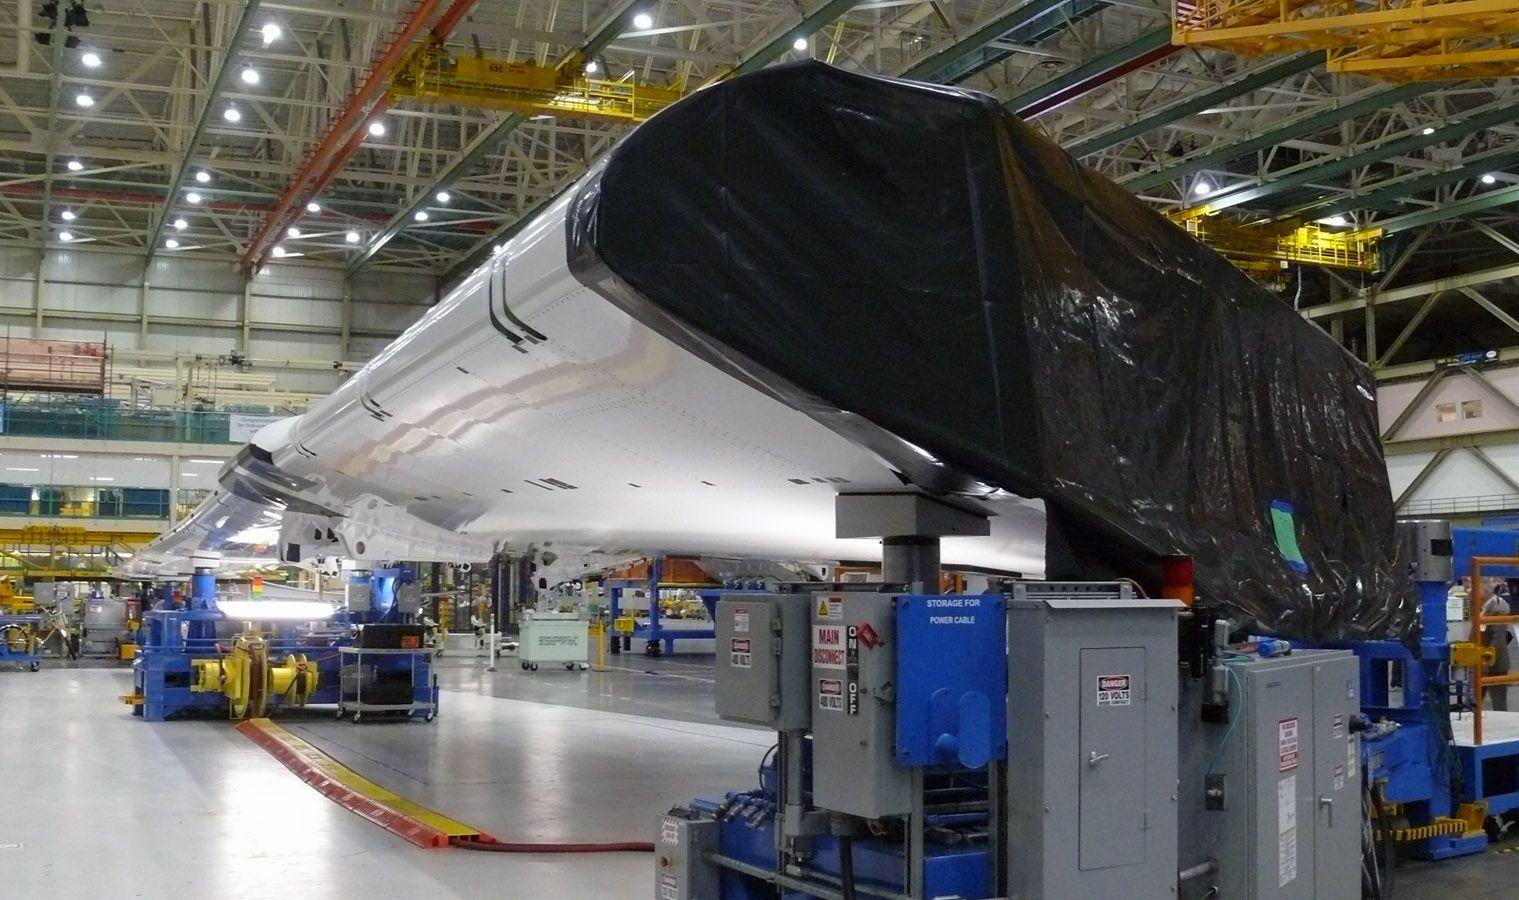 Acuerdo Boeing-Mitsubishi de reducción costos del conjunto alar ...